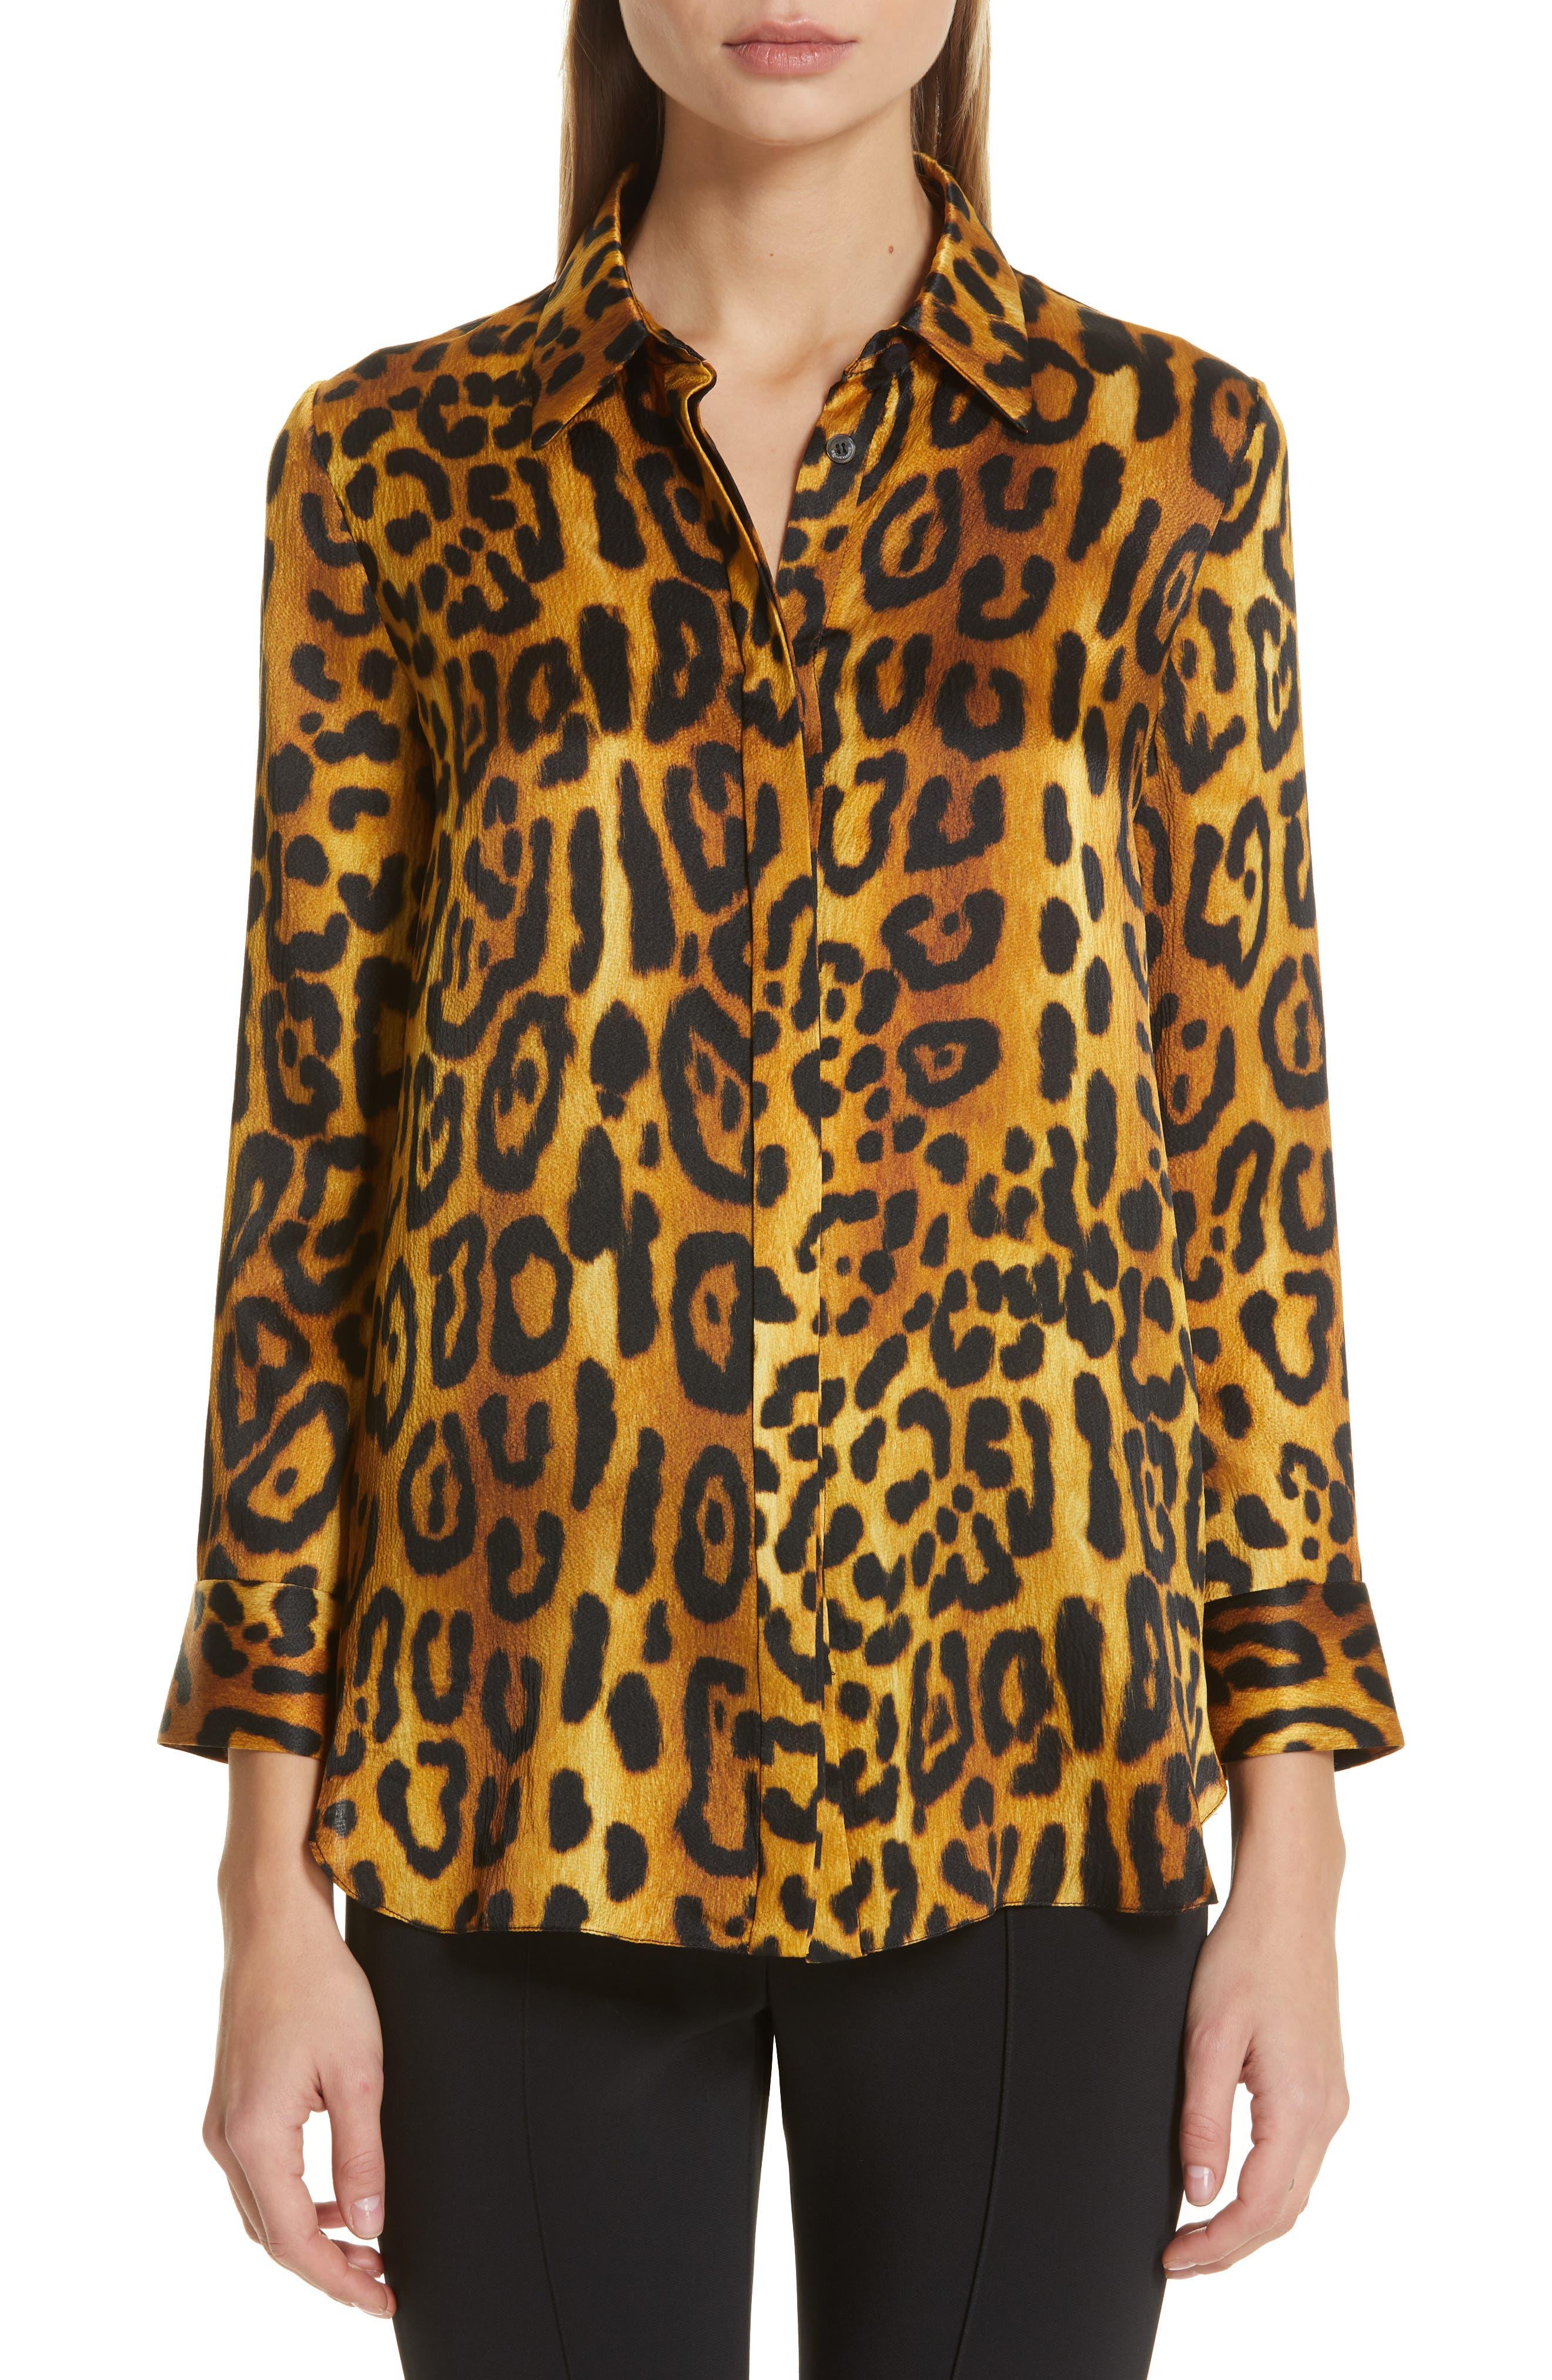 ADAM LIPPES Jaguar Print Silk Top, Main, color, JAGUAR